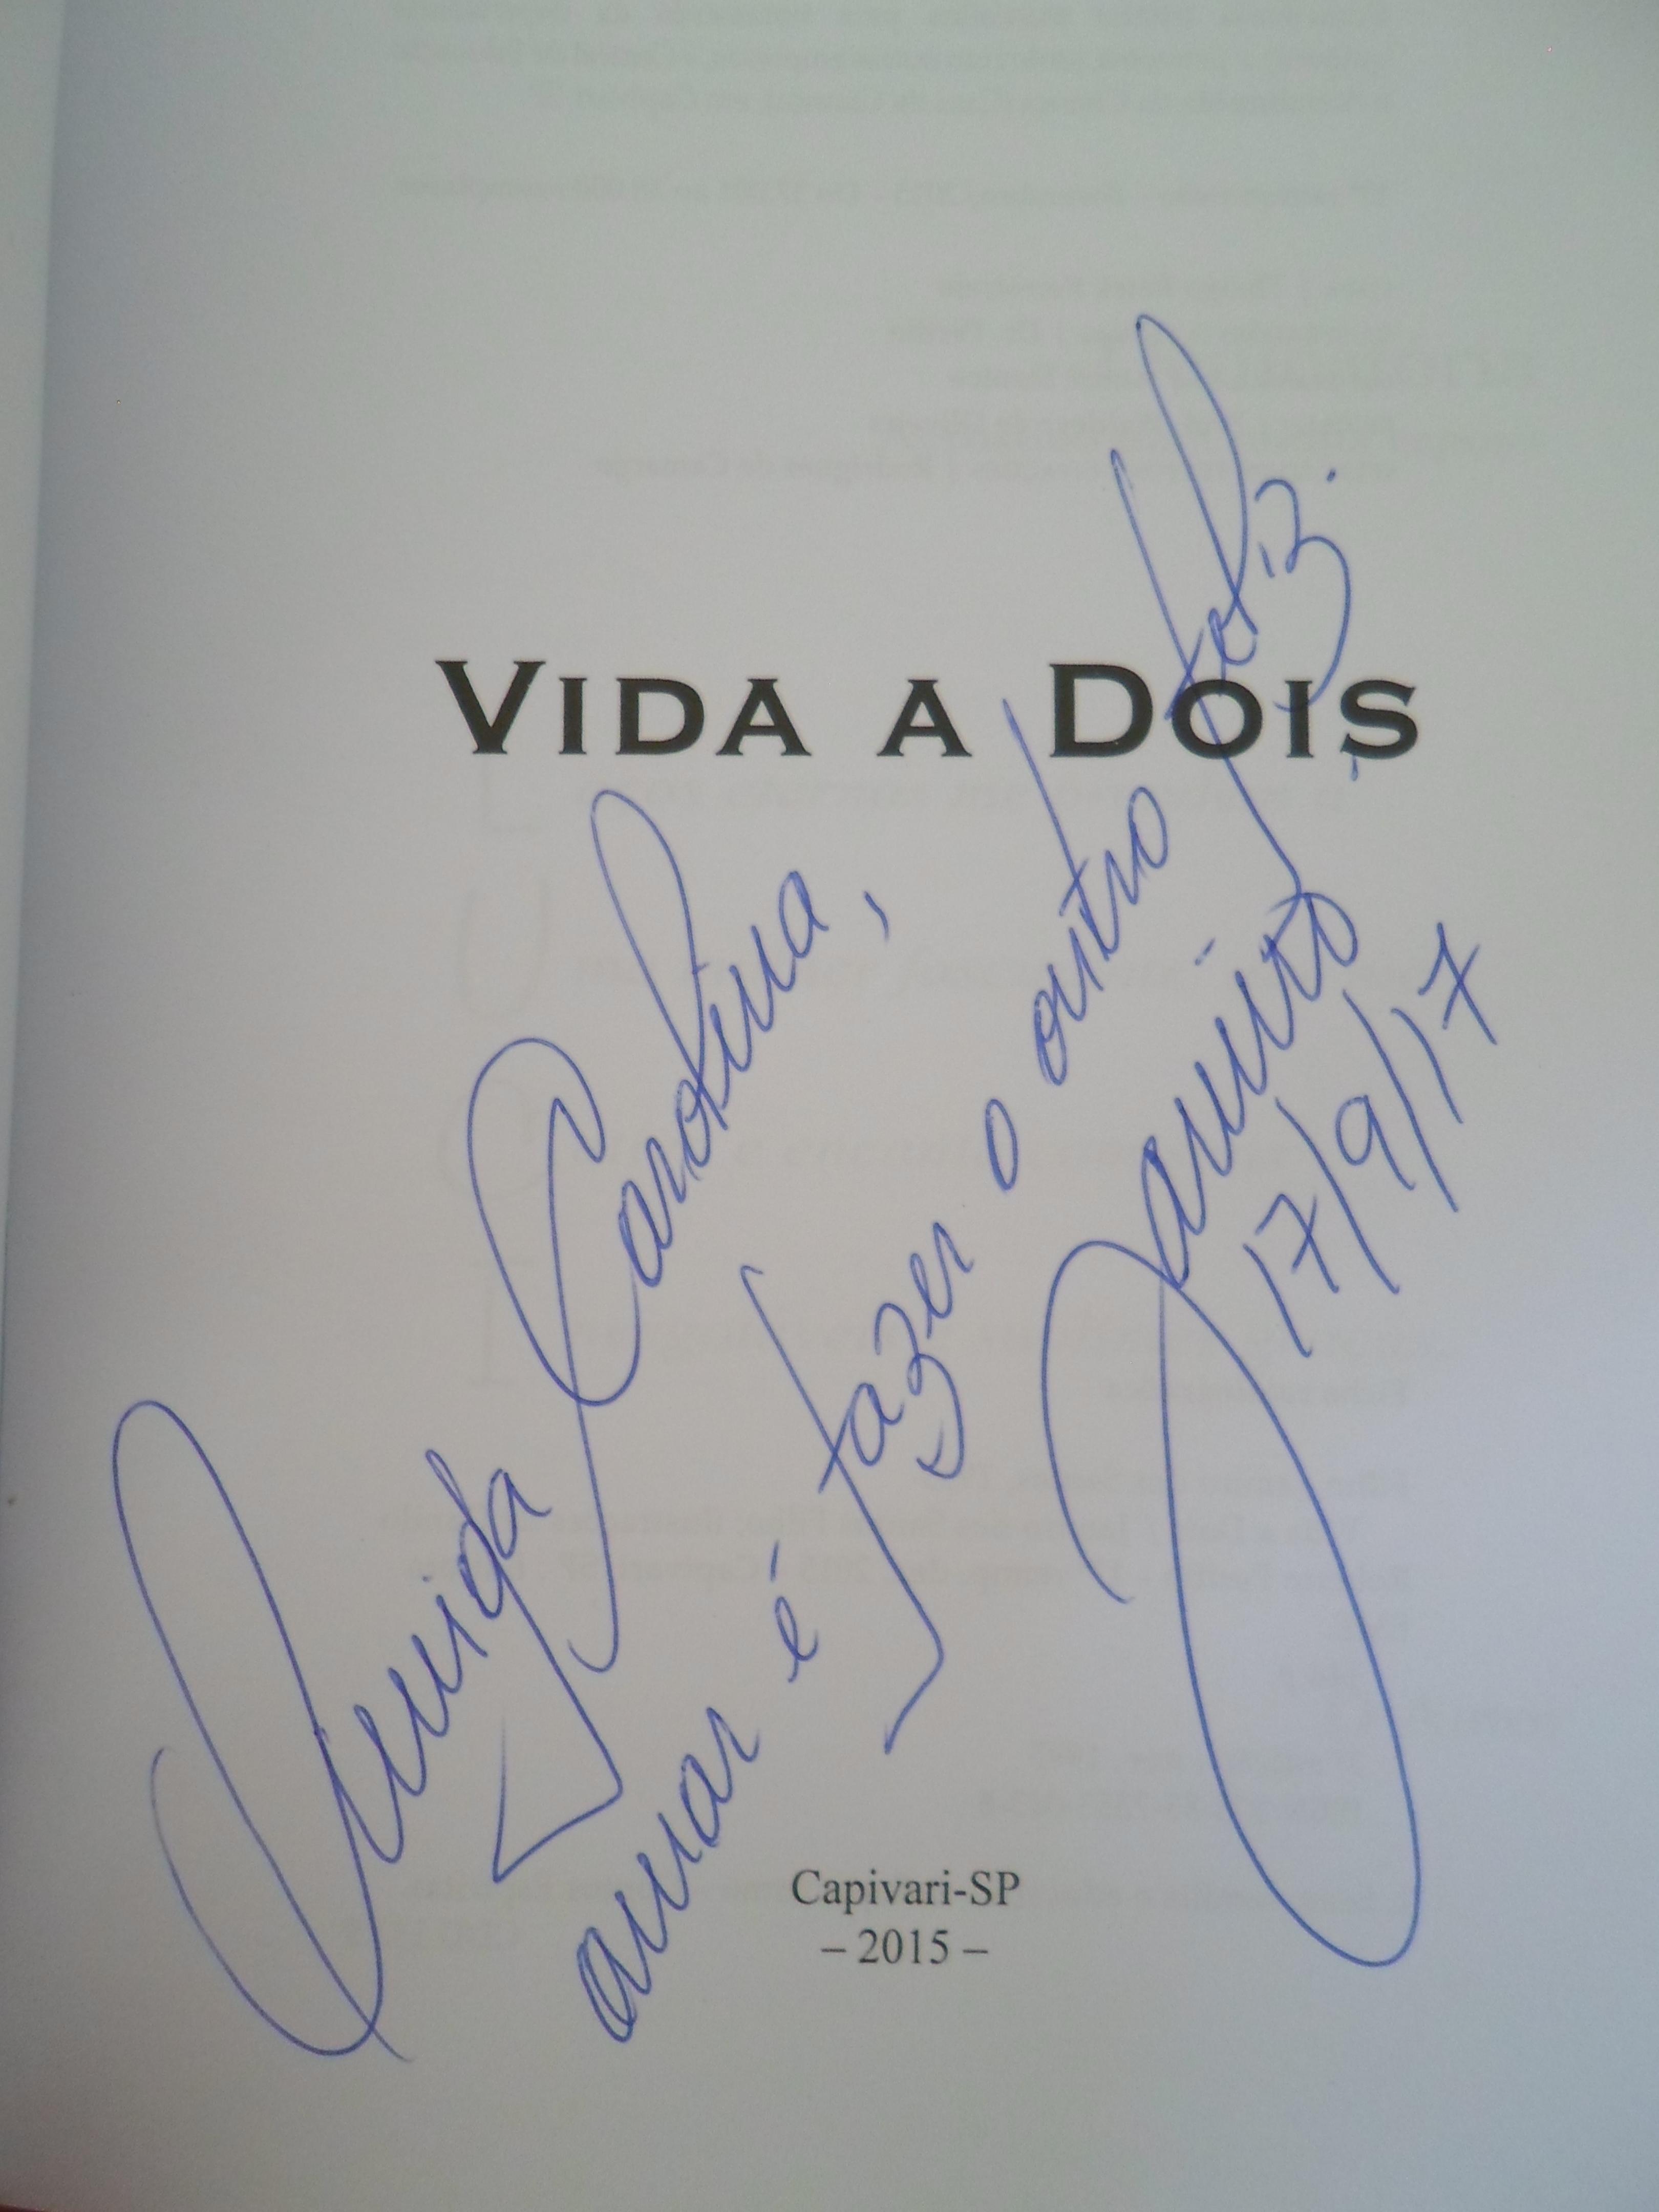 VidaDois04